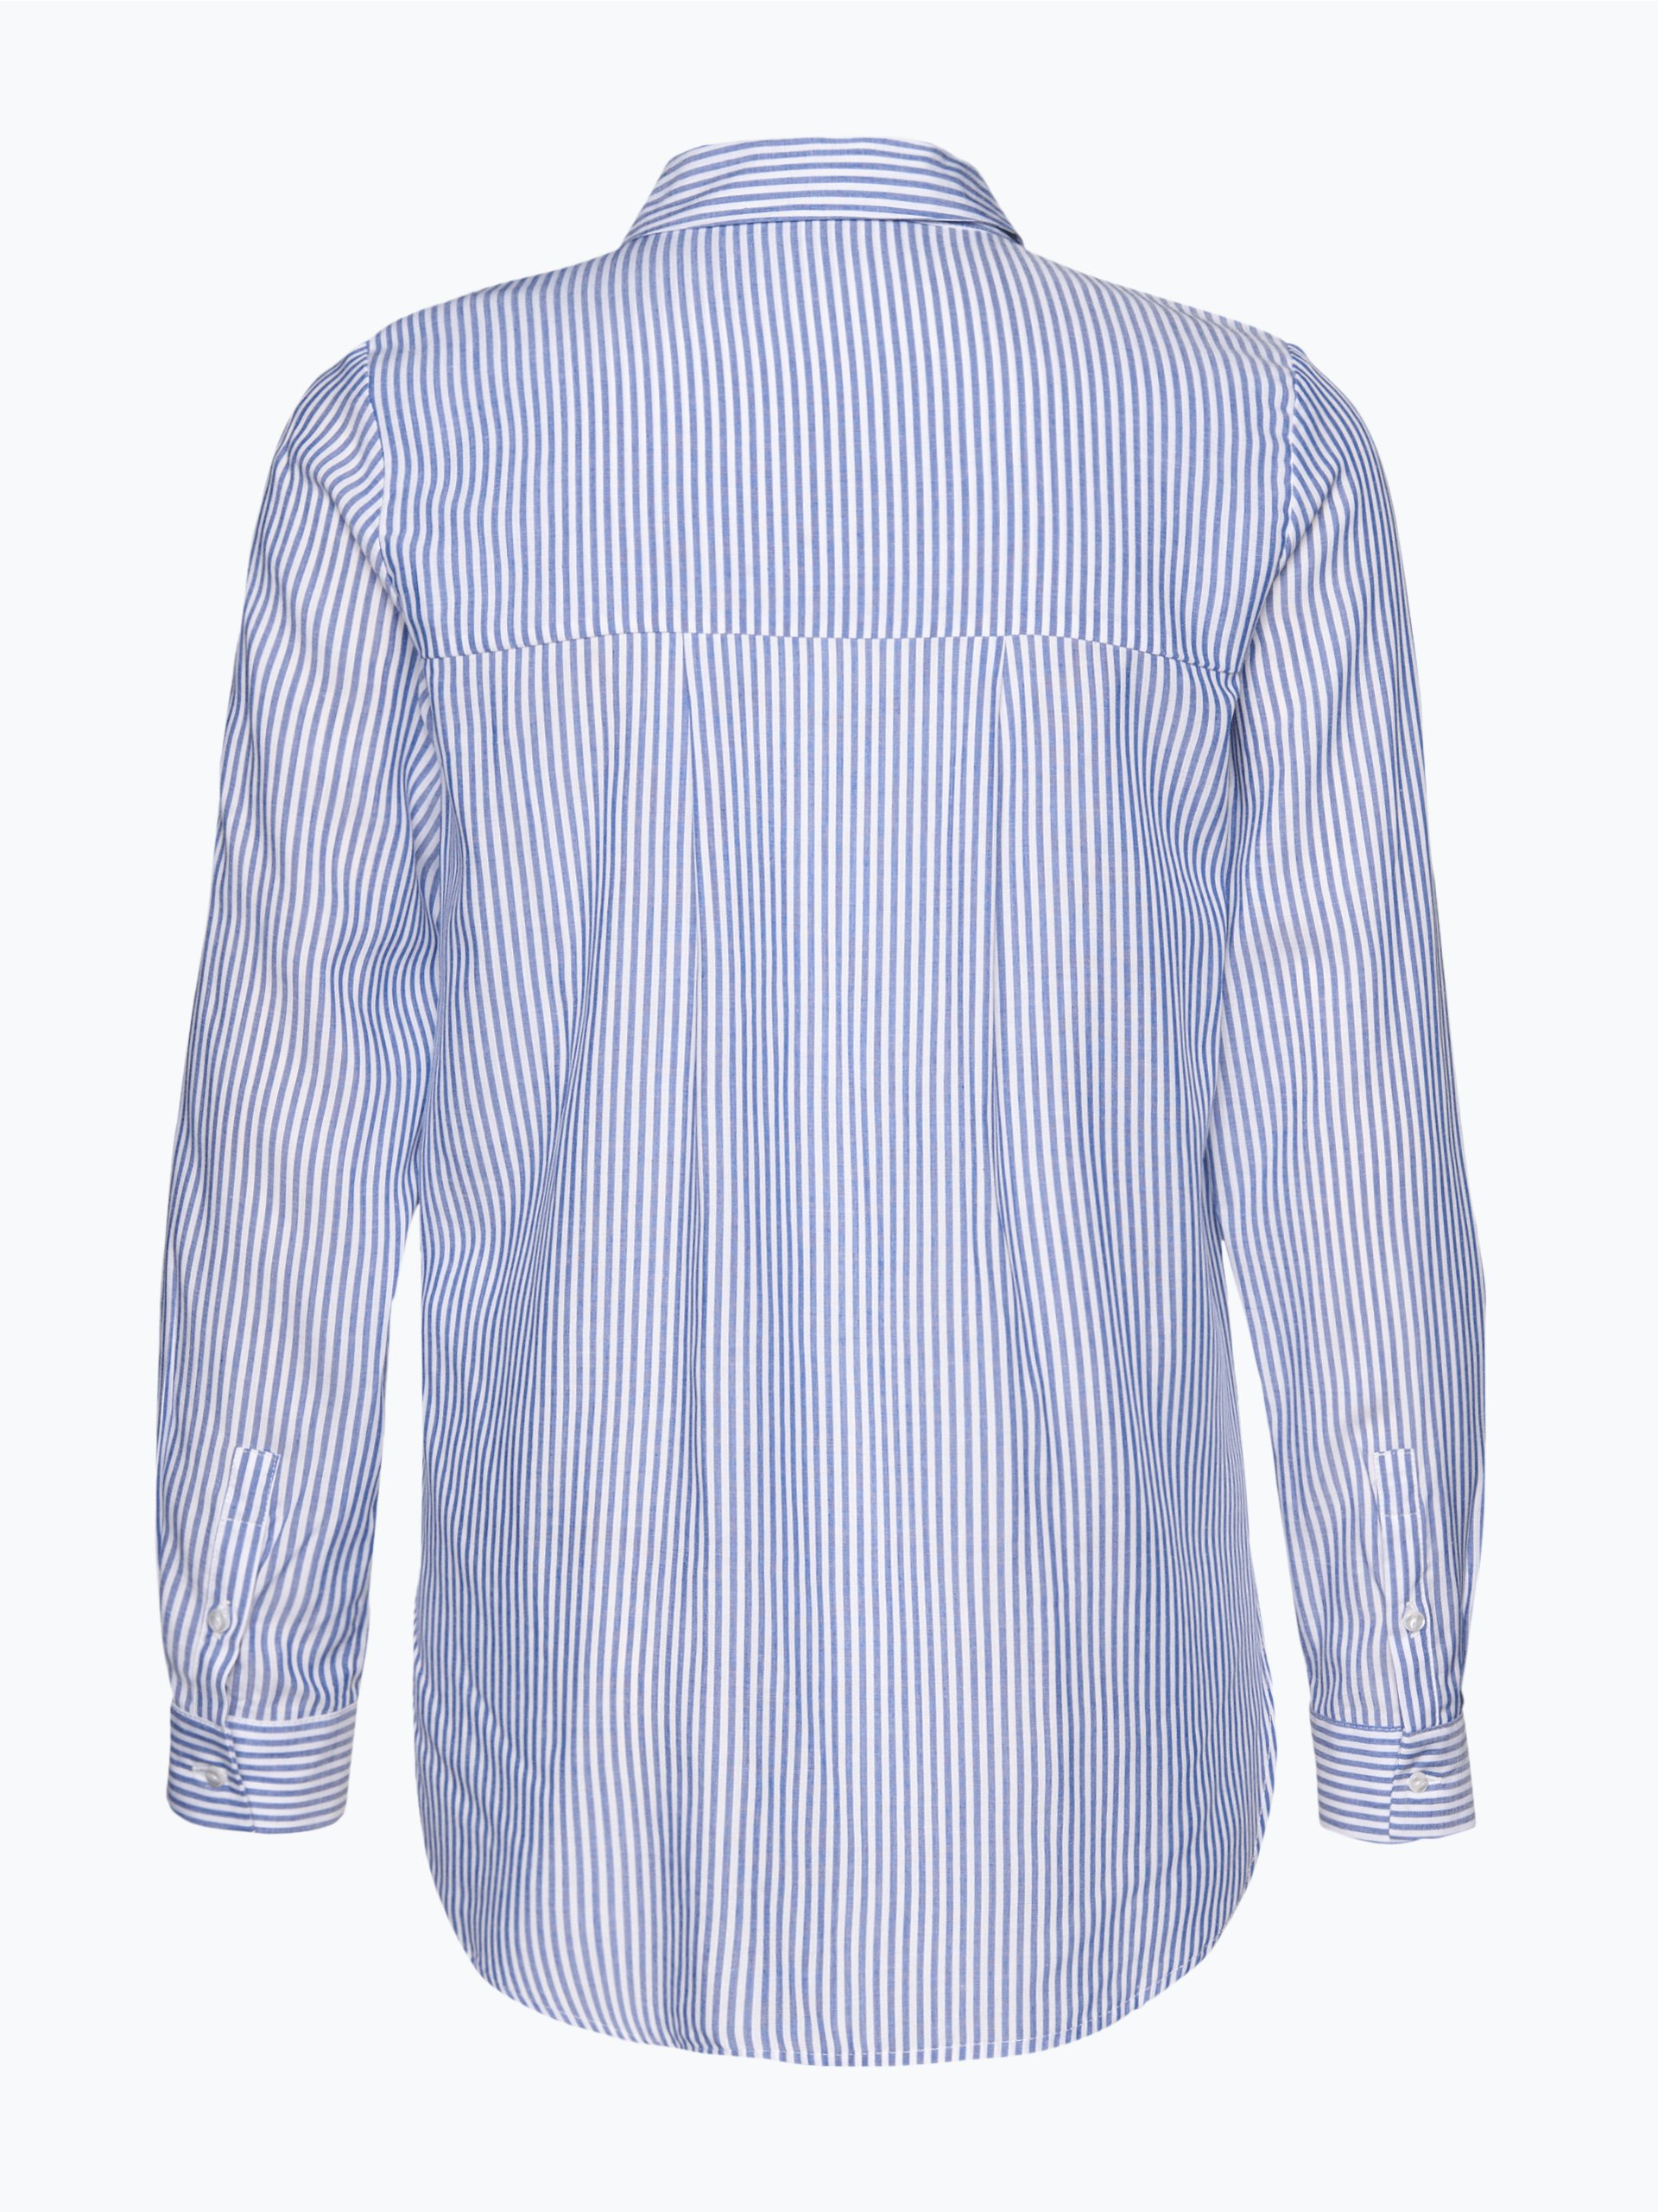 marie lund damen bluse blau gestreift online kaufen peek und cloppenburg de. Black Bedroom Furniture Sets. Home Design Ideas